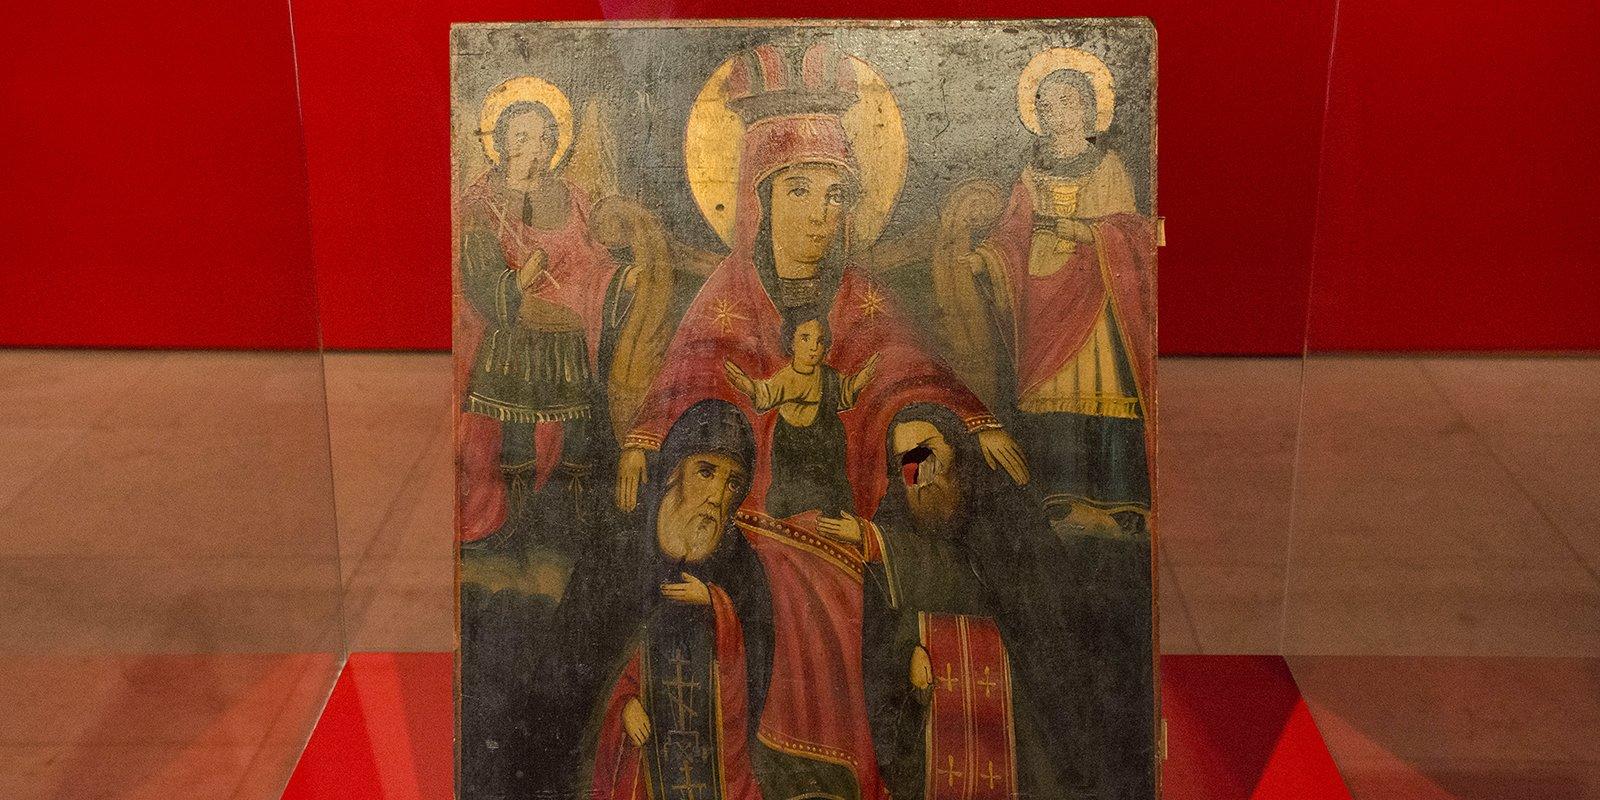 Икона Божьей Матери Печерской